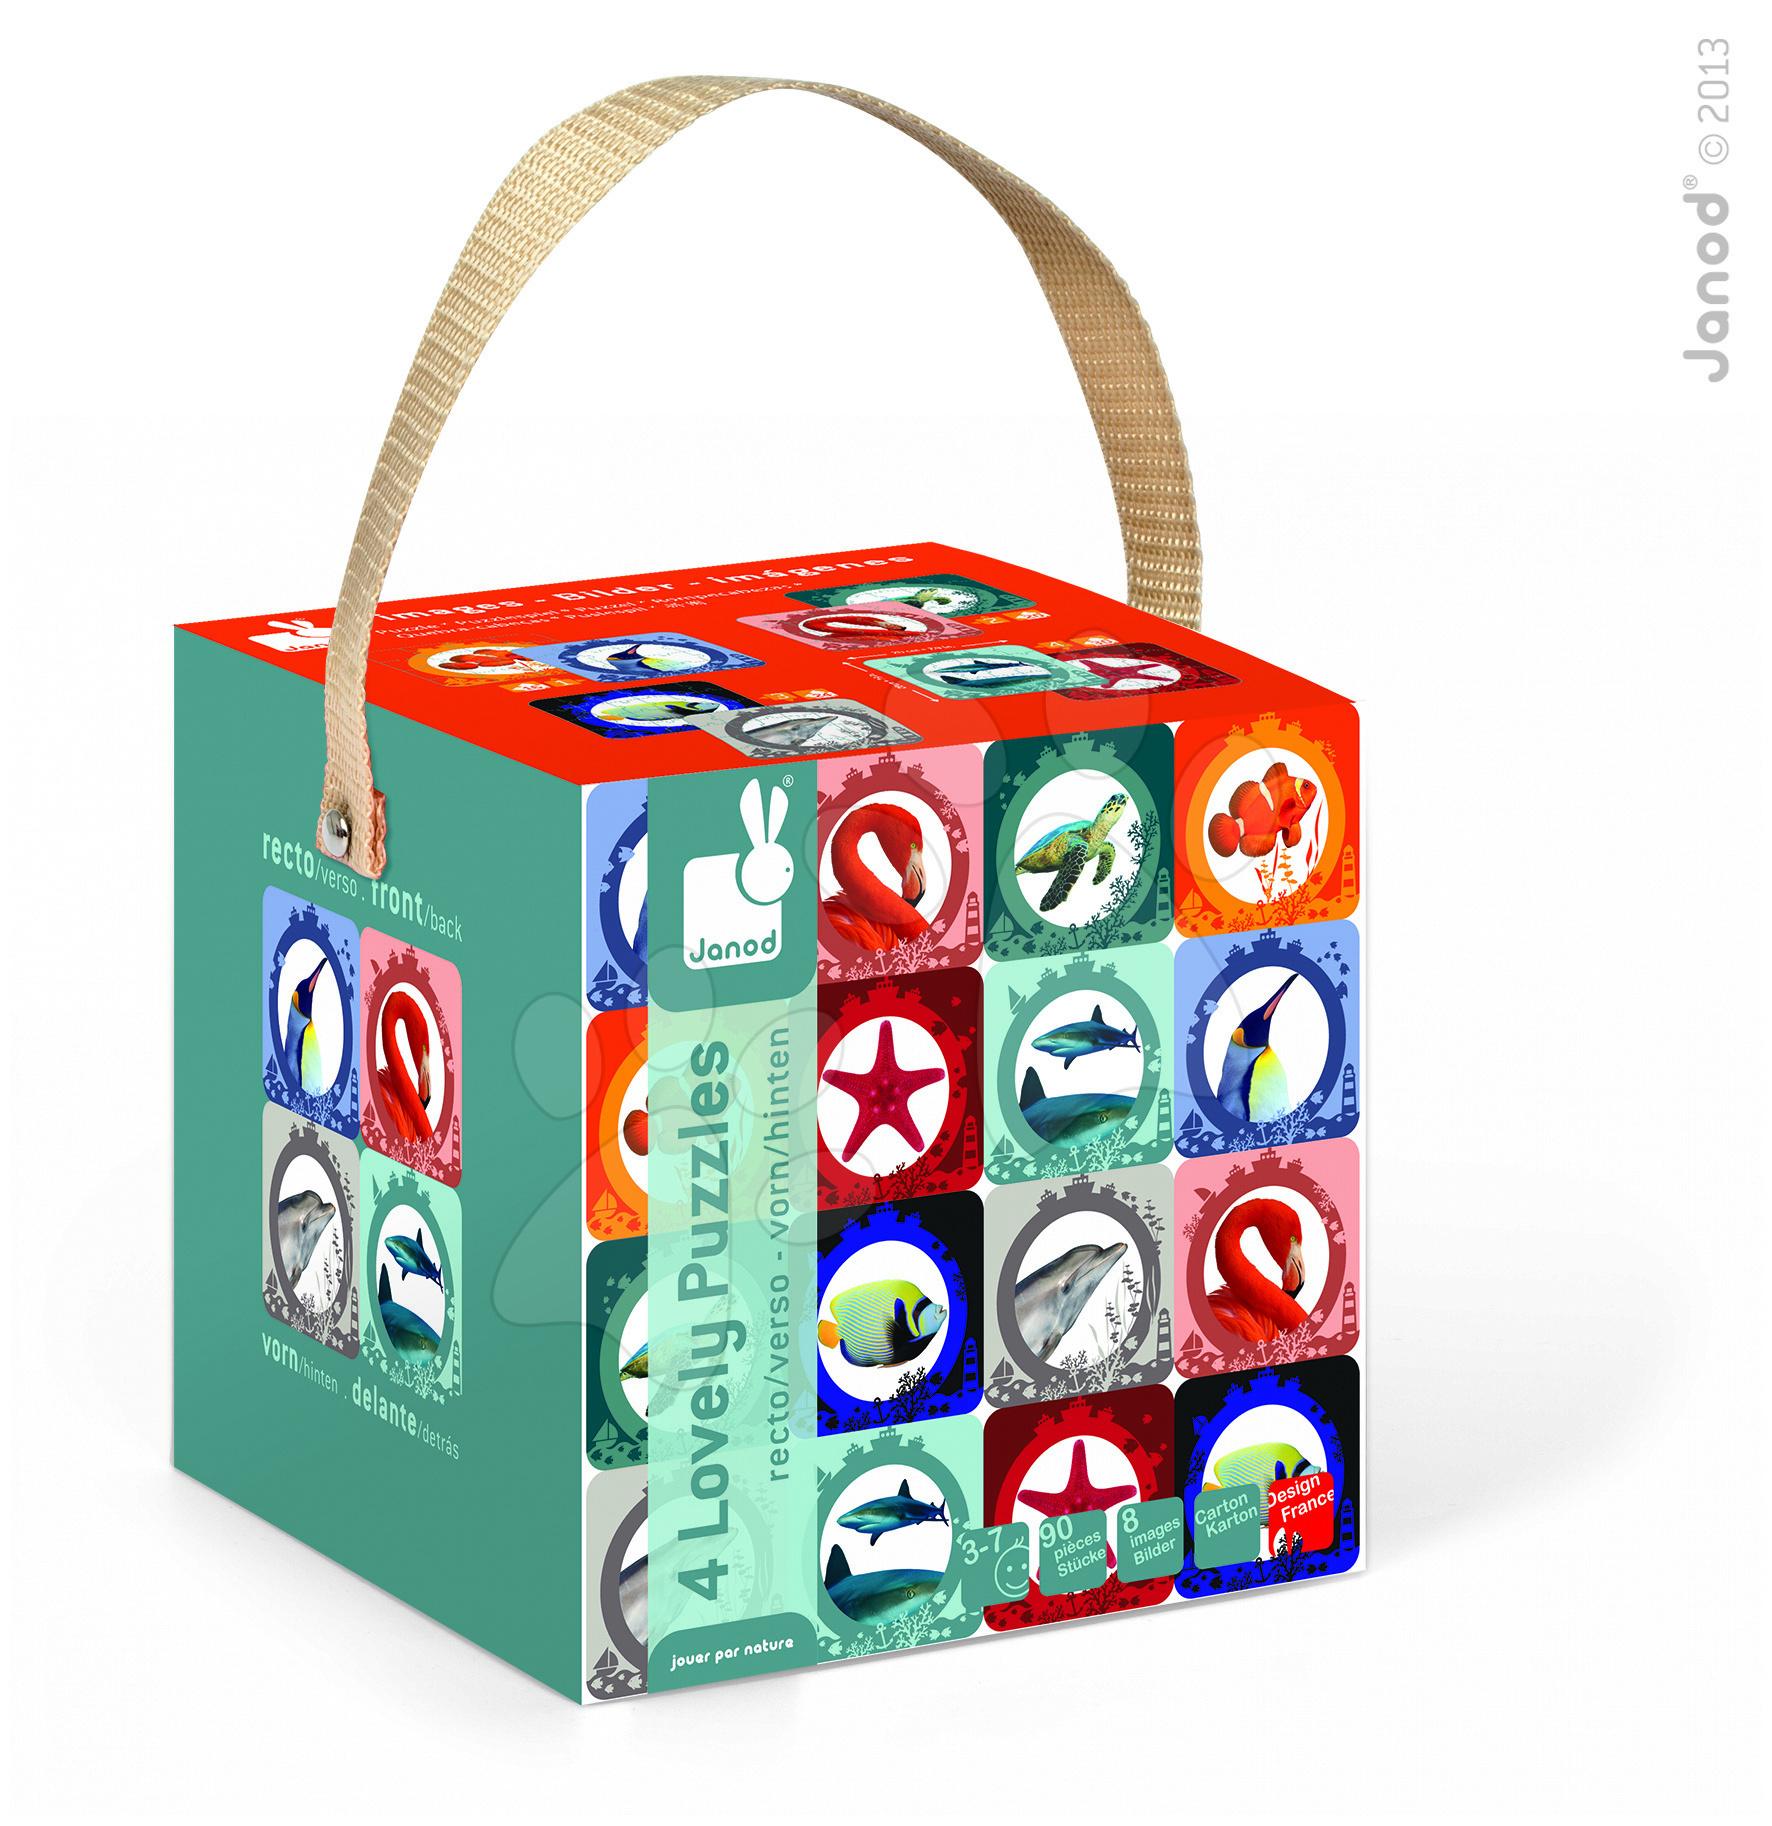 Detské puzzle do 100 dielov - Obojstranné puzzle More a oceán Janod v kufríku 16-20-24-30 dielov od 3 - 7 rokov